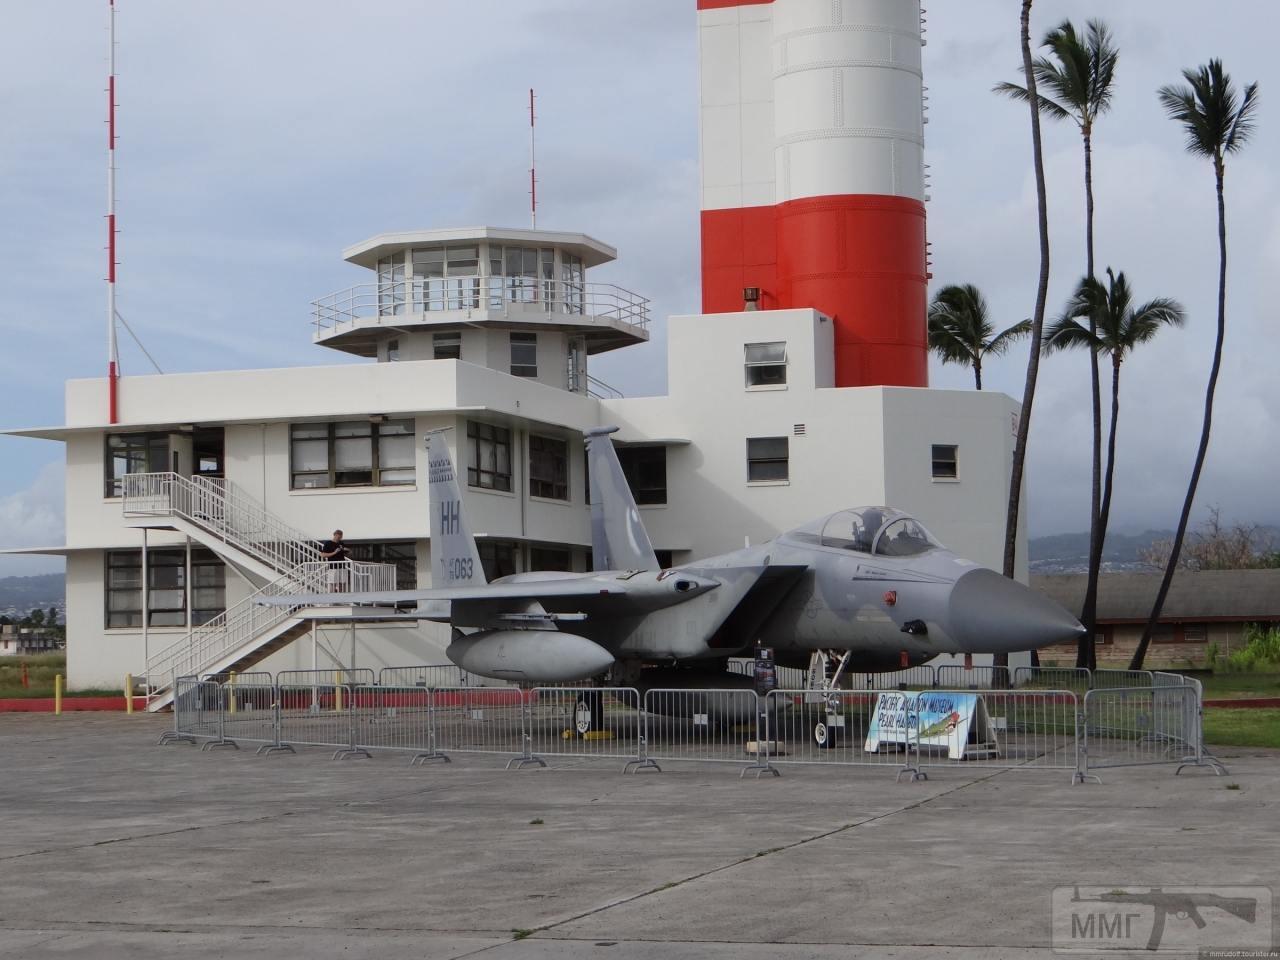 31987 - Тихоокеанский музей авиации «Пёрл-Харбор», Гонолулу